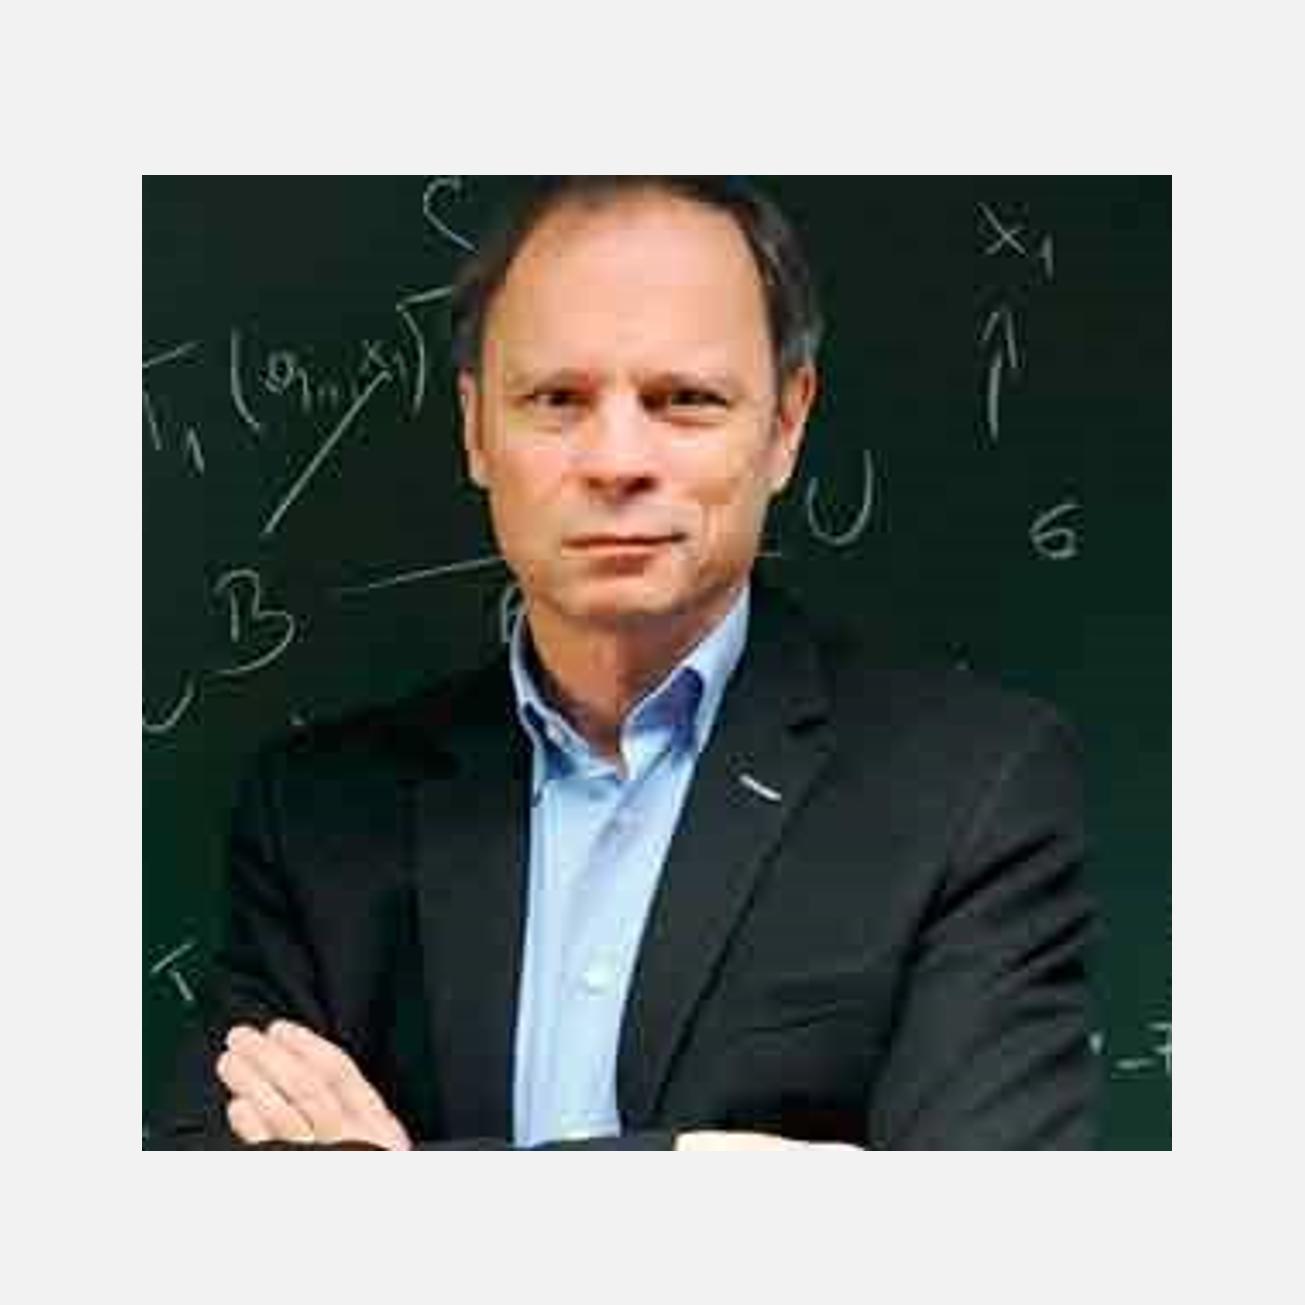 Fotografía del Nobel de Economía 2014 Jean Tirole